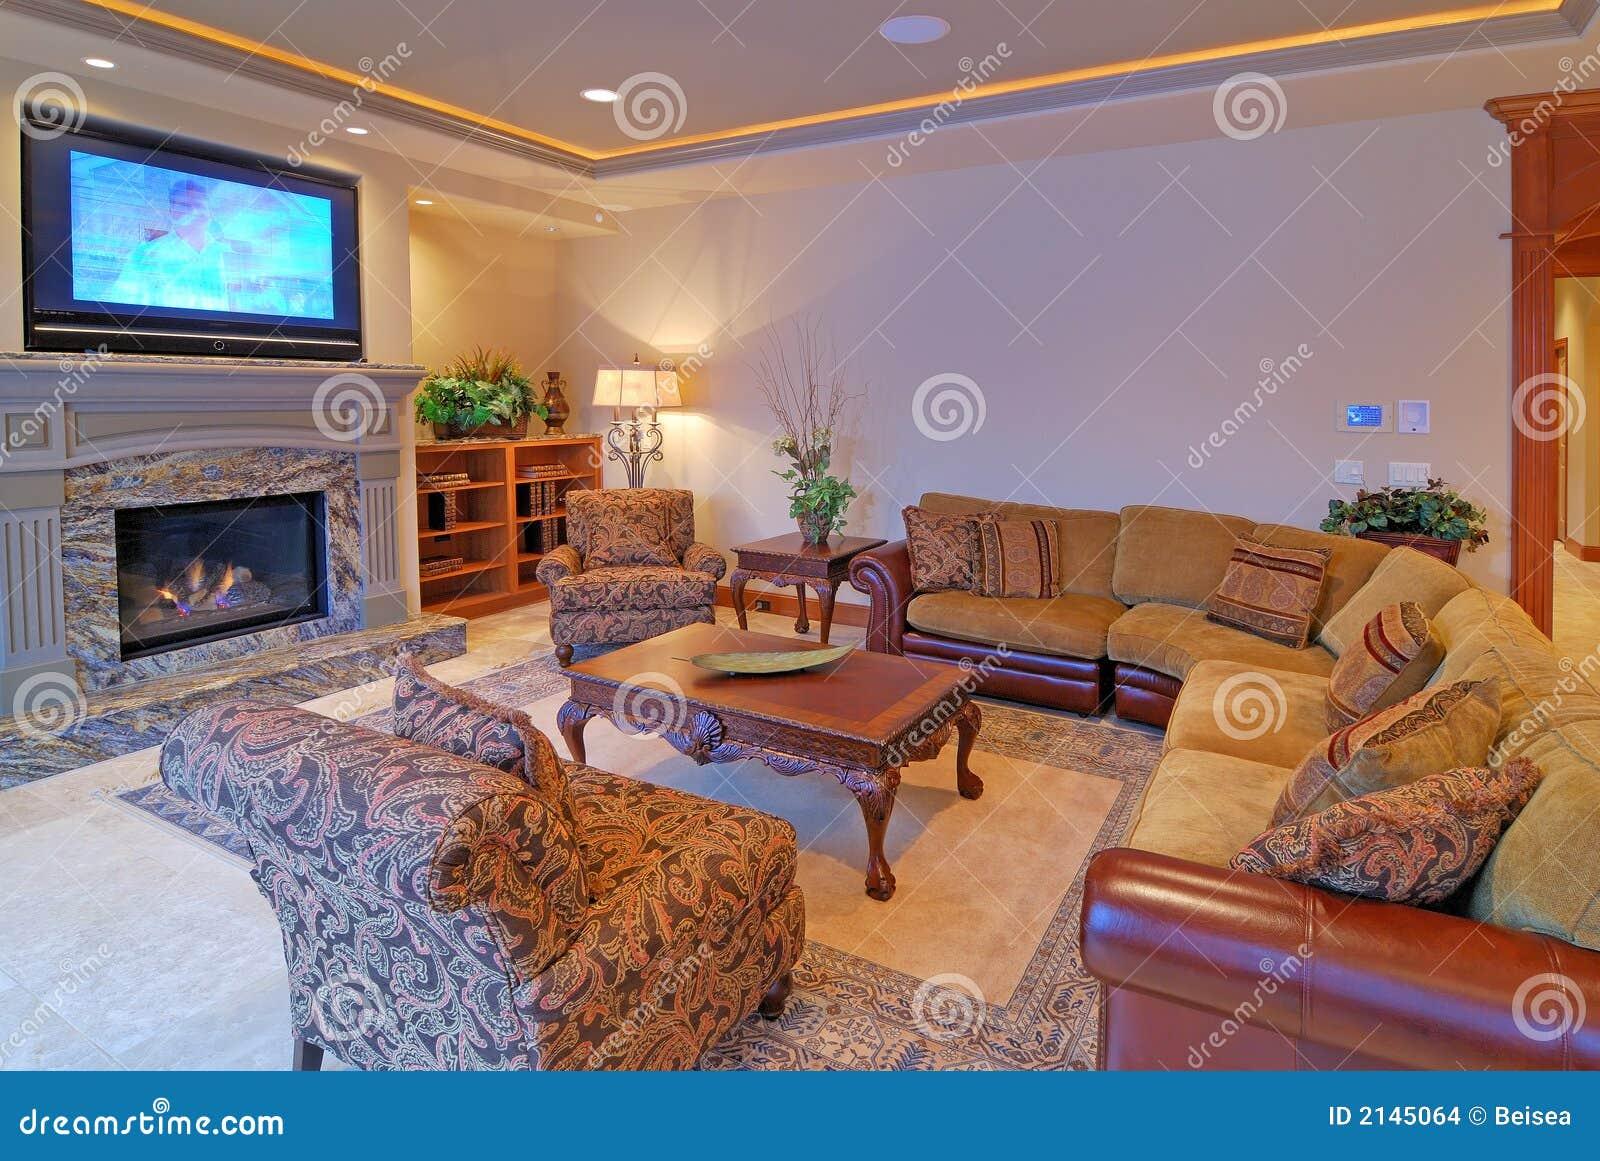 Sala De Estar Grande Com Tv ~ Sala De Estar Grande Imagenes de archivo  Imagen 2145064